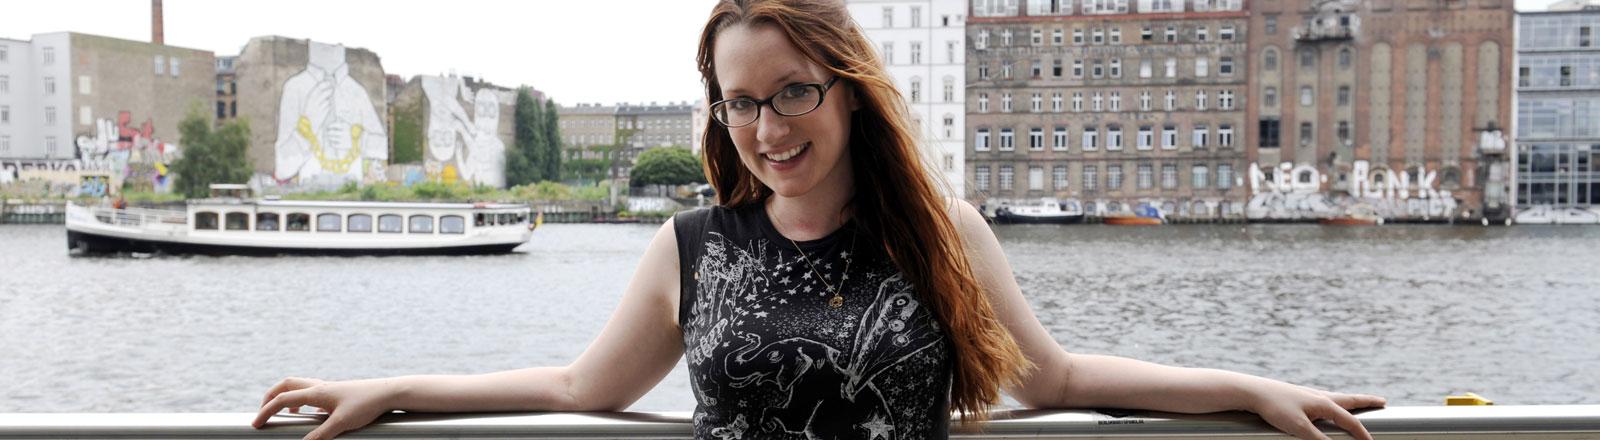 Musikerin Ingrid Michaelson in Berlin.